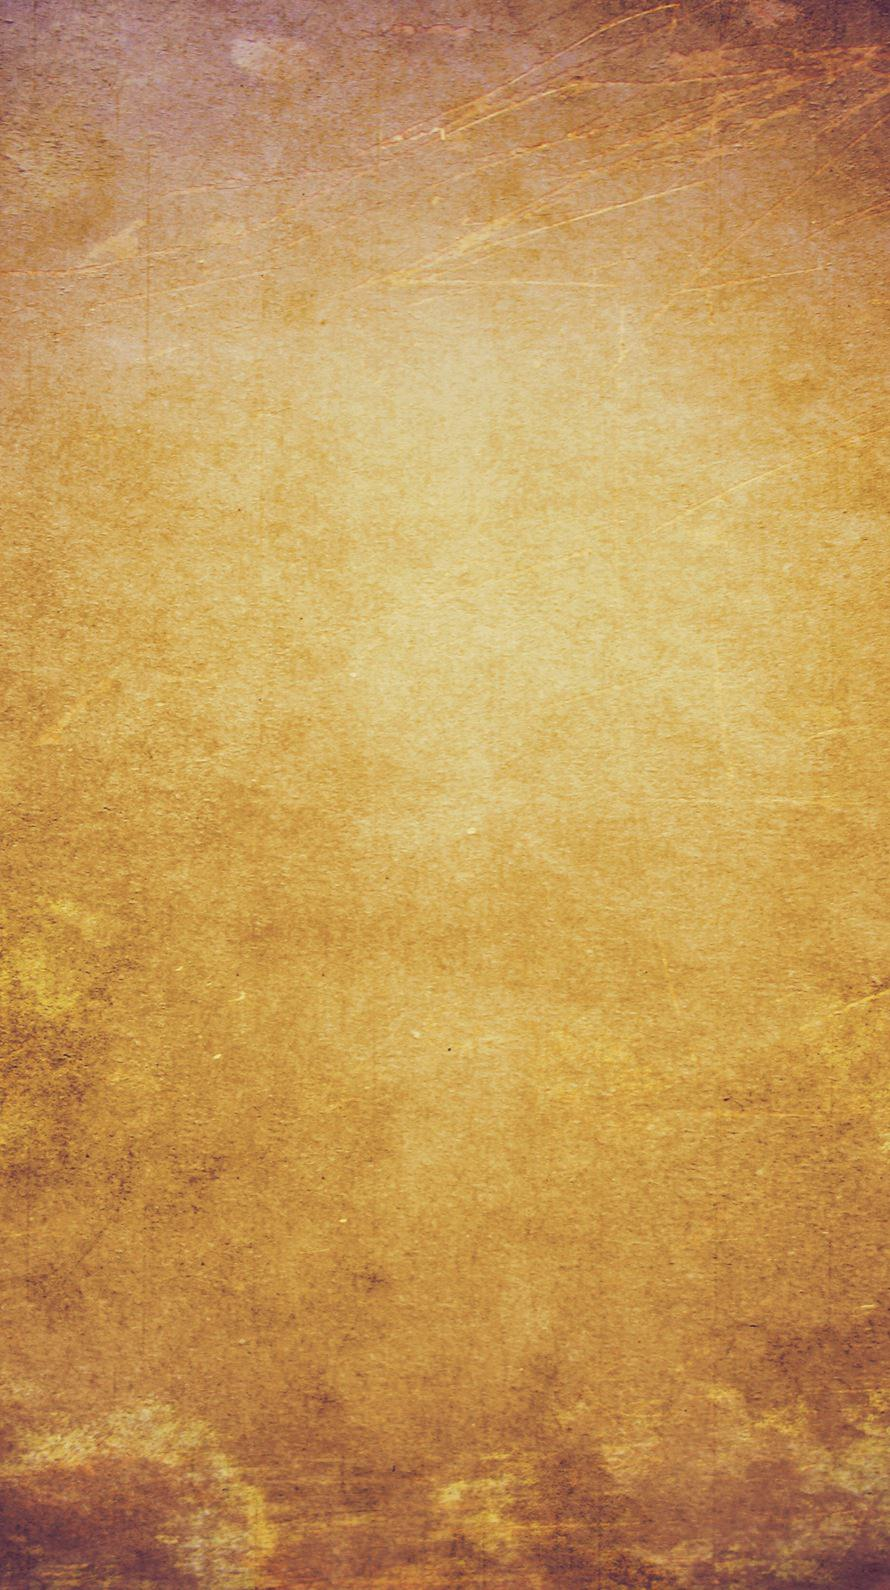 IPhone 6s 6 Wallpaper